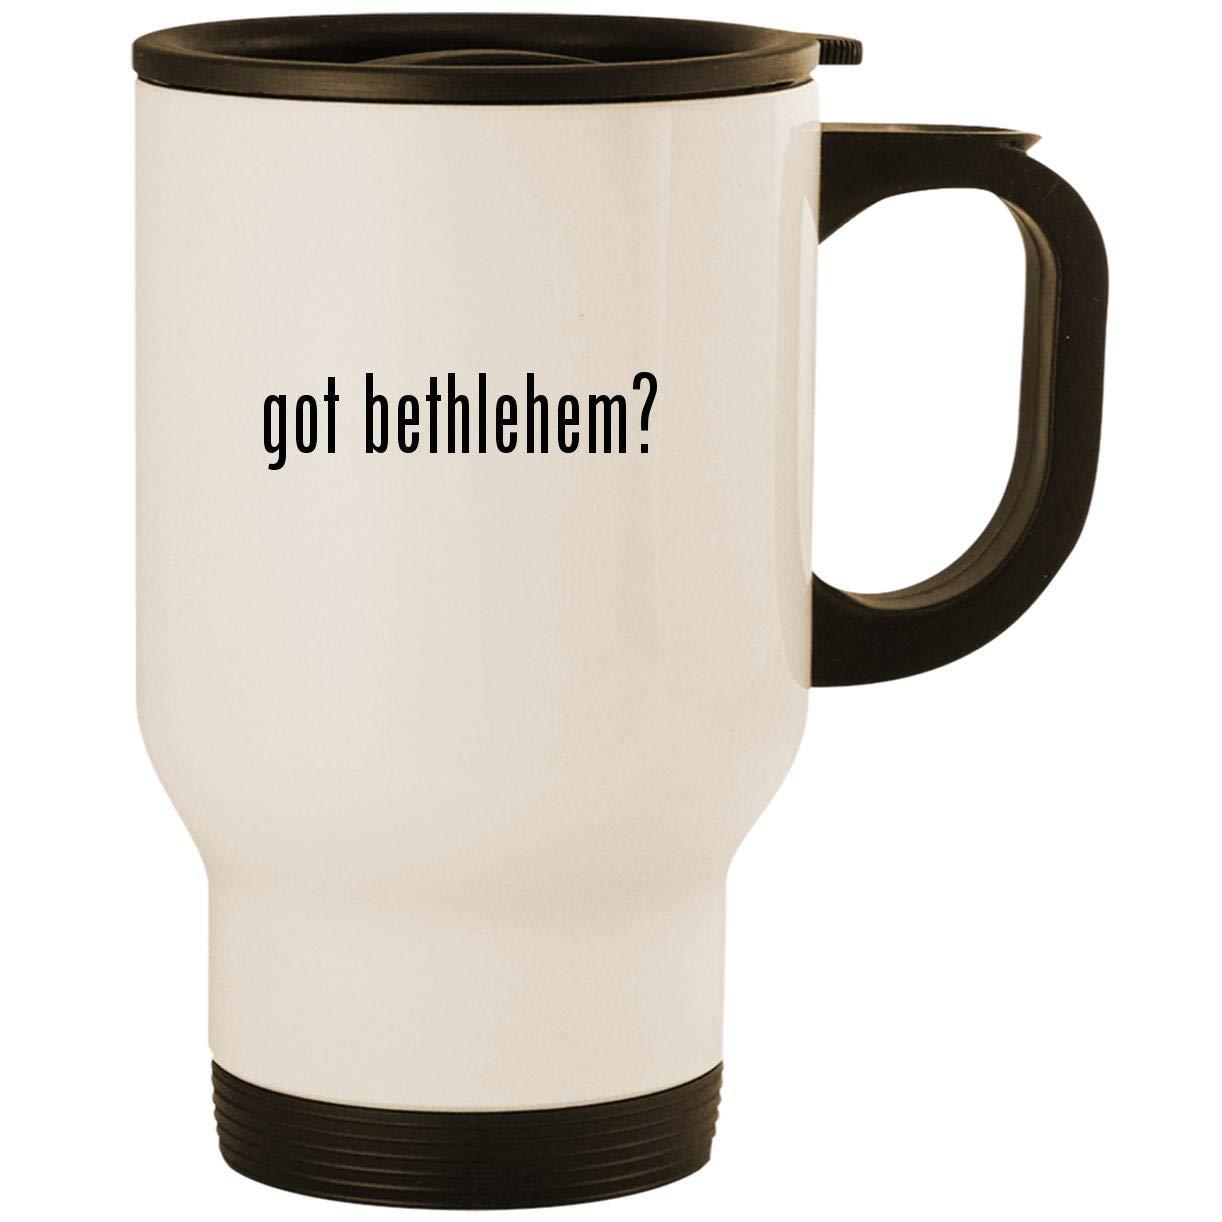 got bethlehem? - Stainless Steel 14oz Road Ready Travel Mug, White